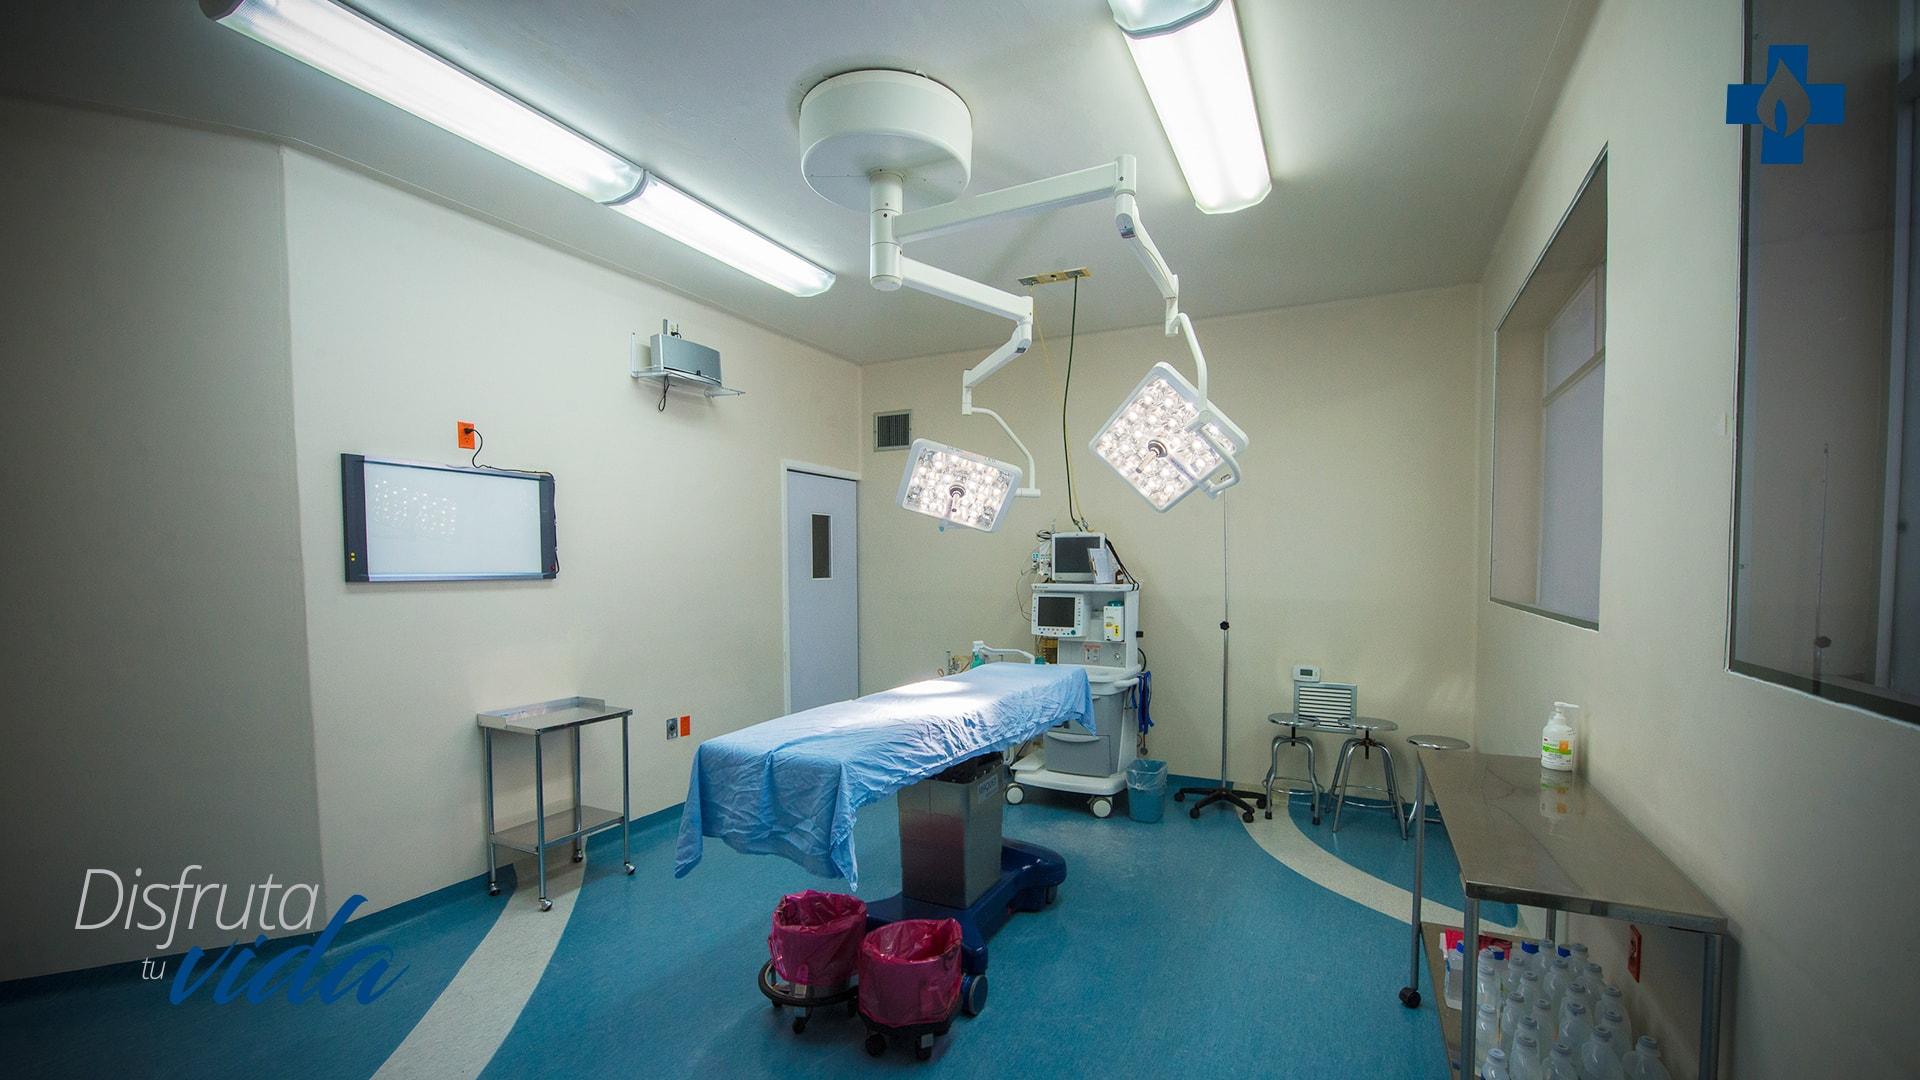 Citas internet hospital de la luz